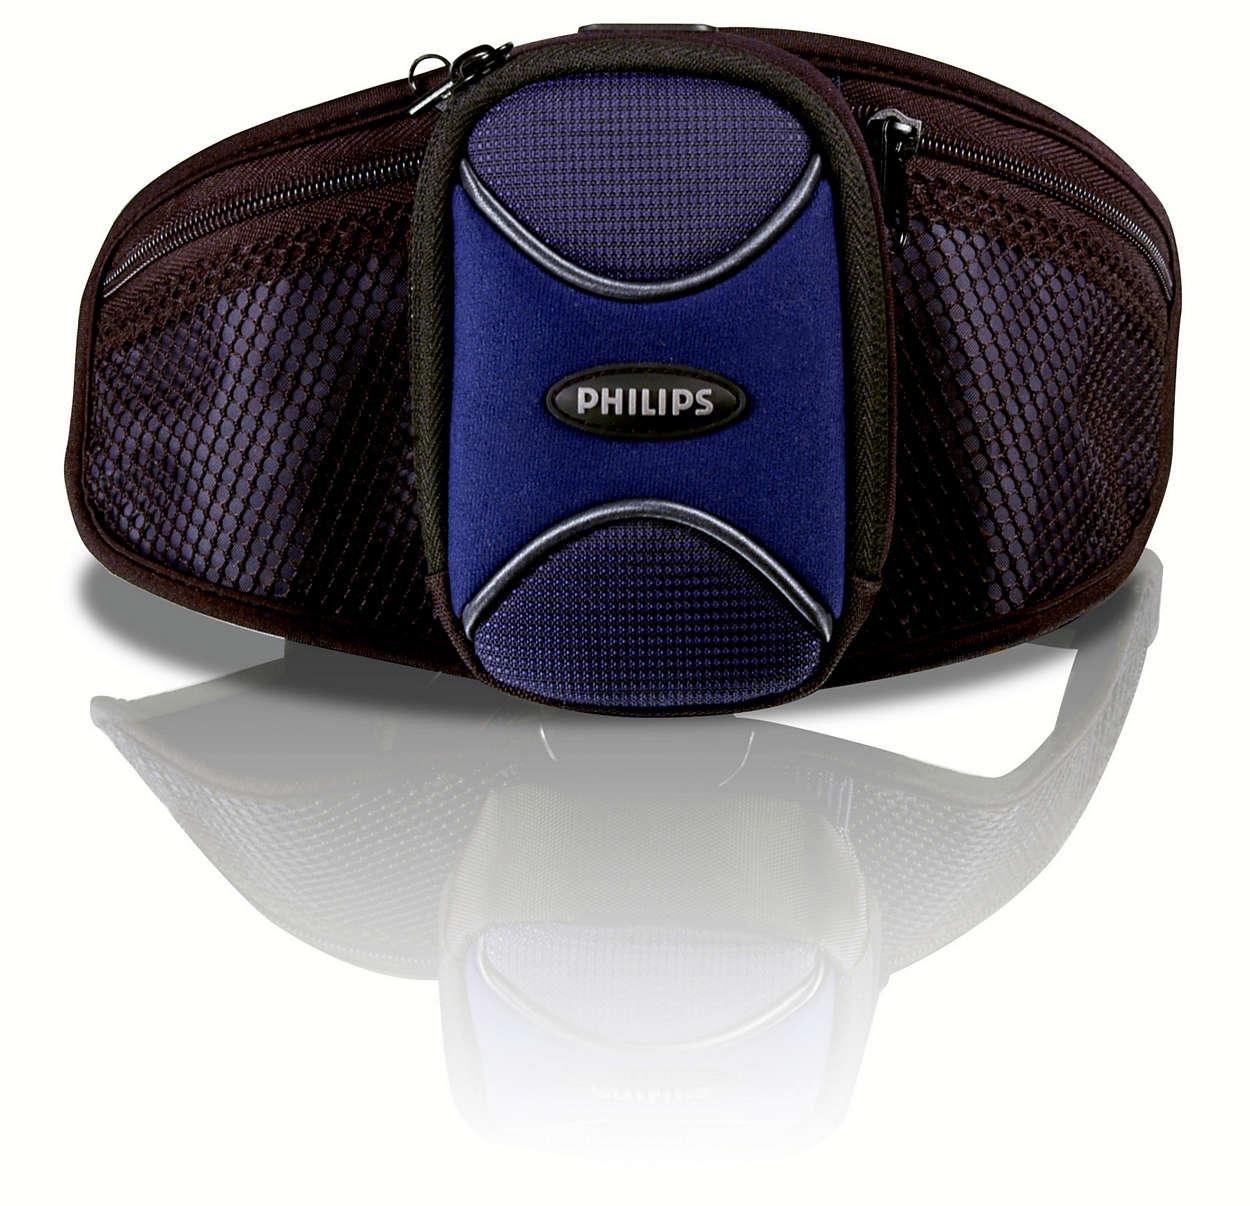 Protégez votre baladeur MP3